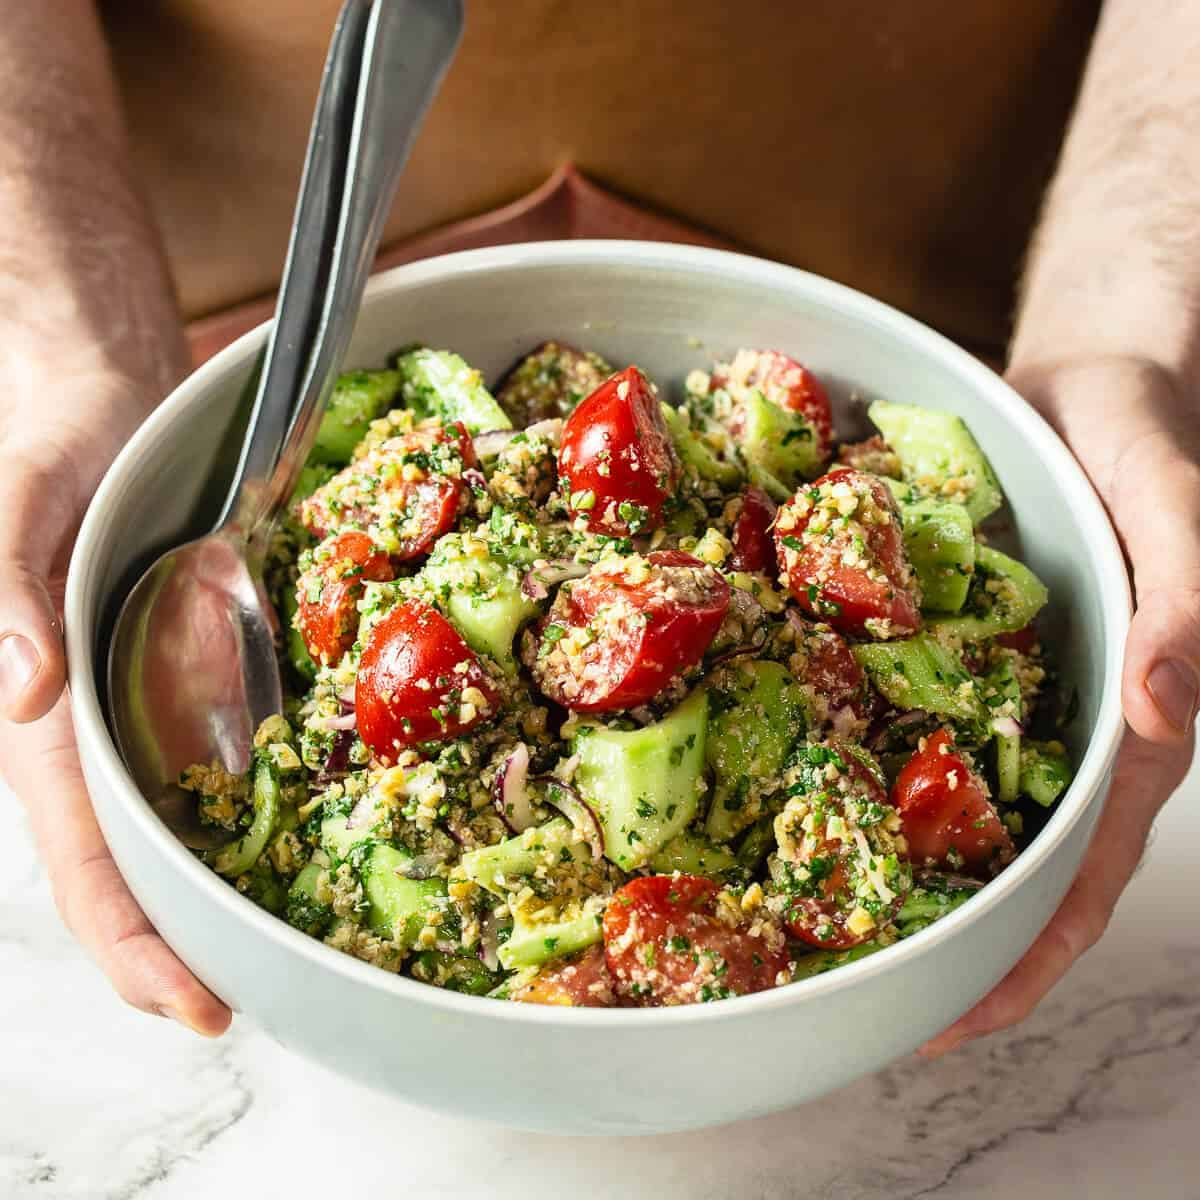 georgian salad in green bowl.